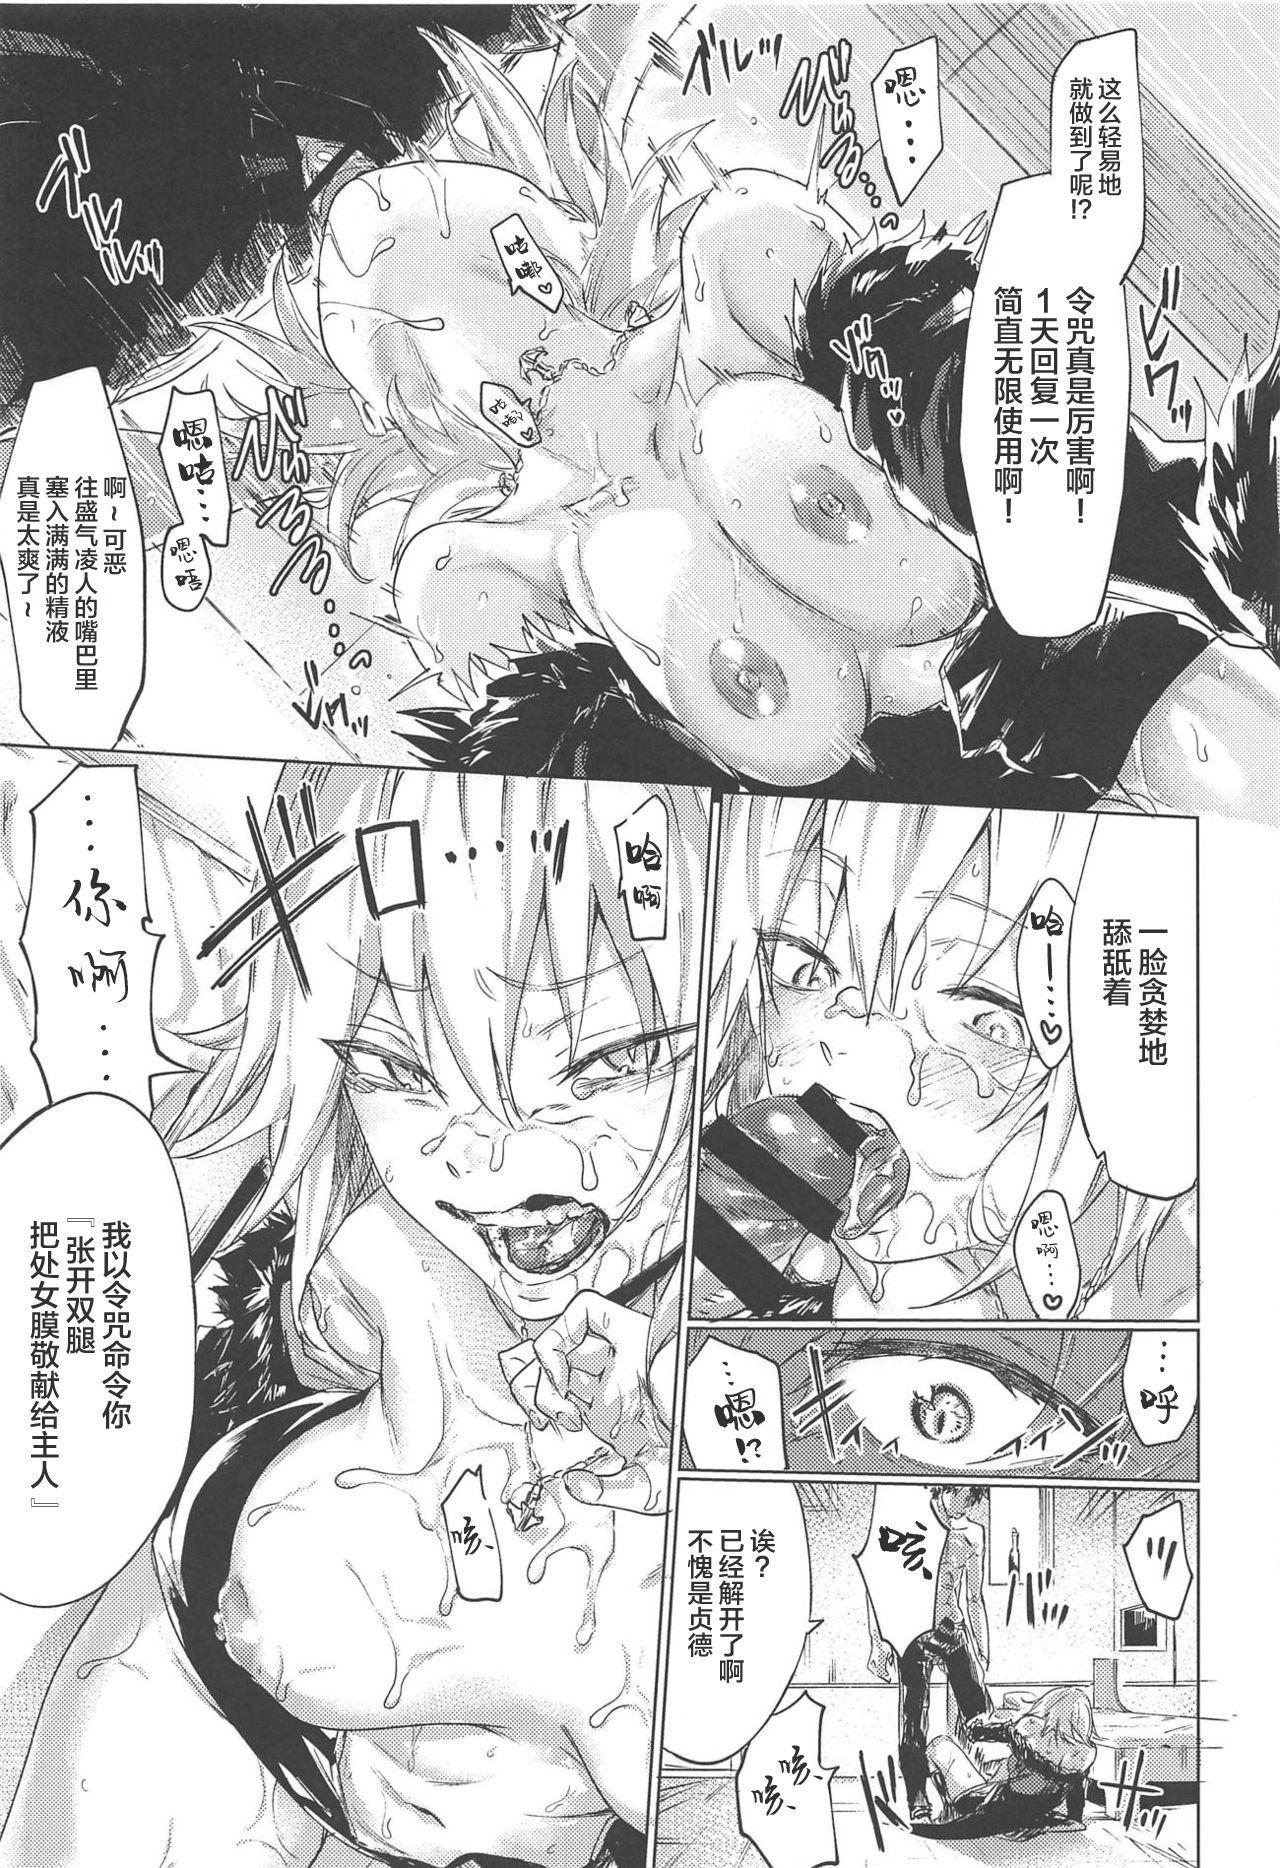 Iikagen ni Shite Kure!! Alter-san 4